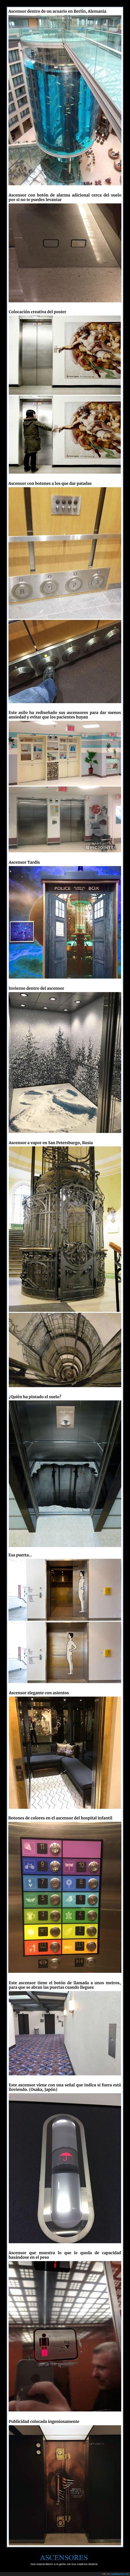 ascensores,wtf